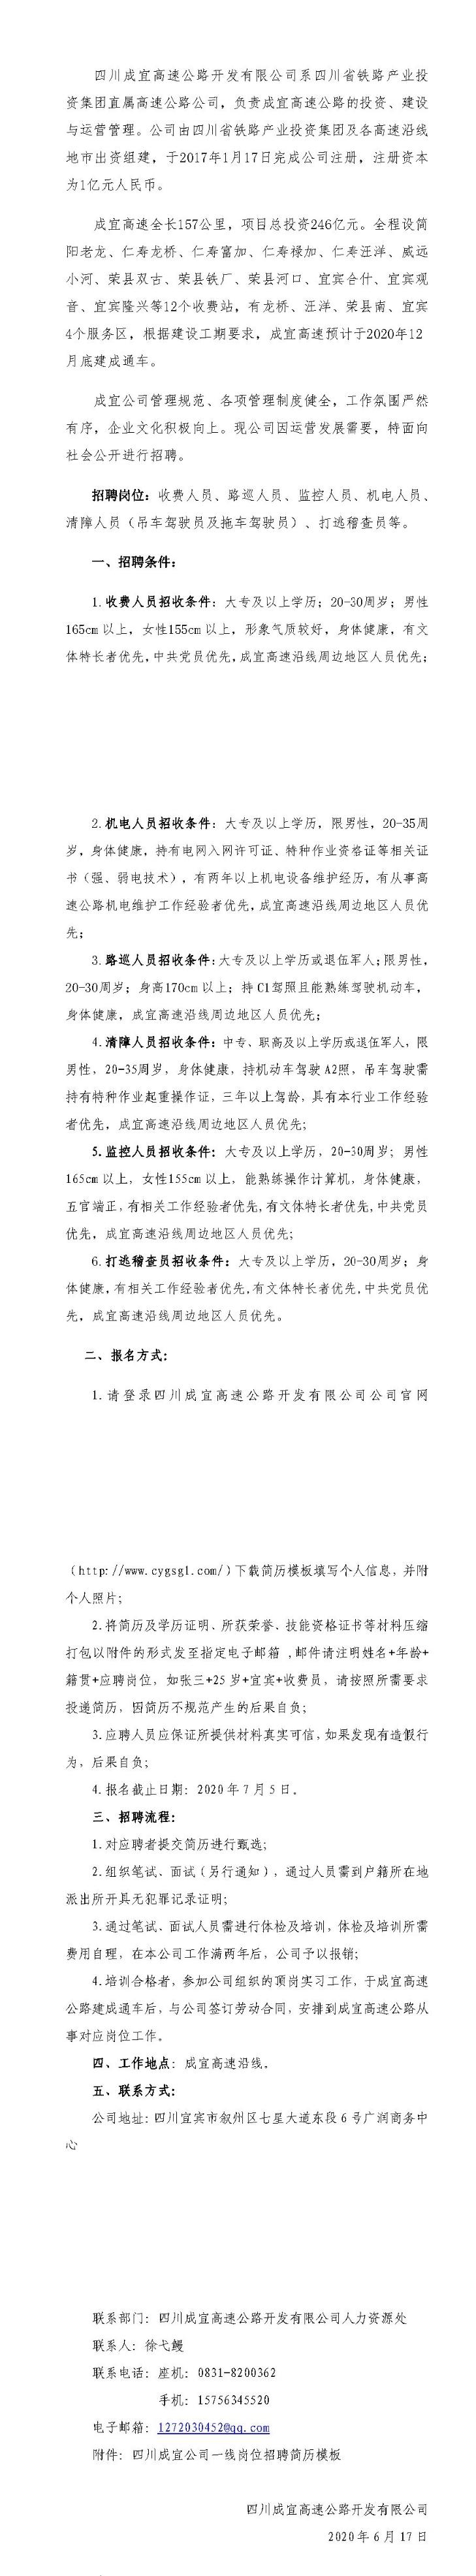 四川成宜高速公路开发有限公司(国有控股)招聘简章